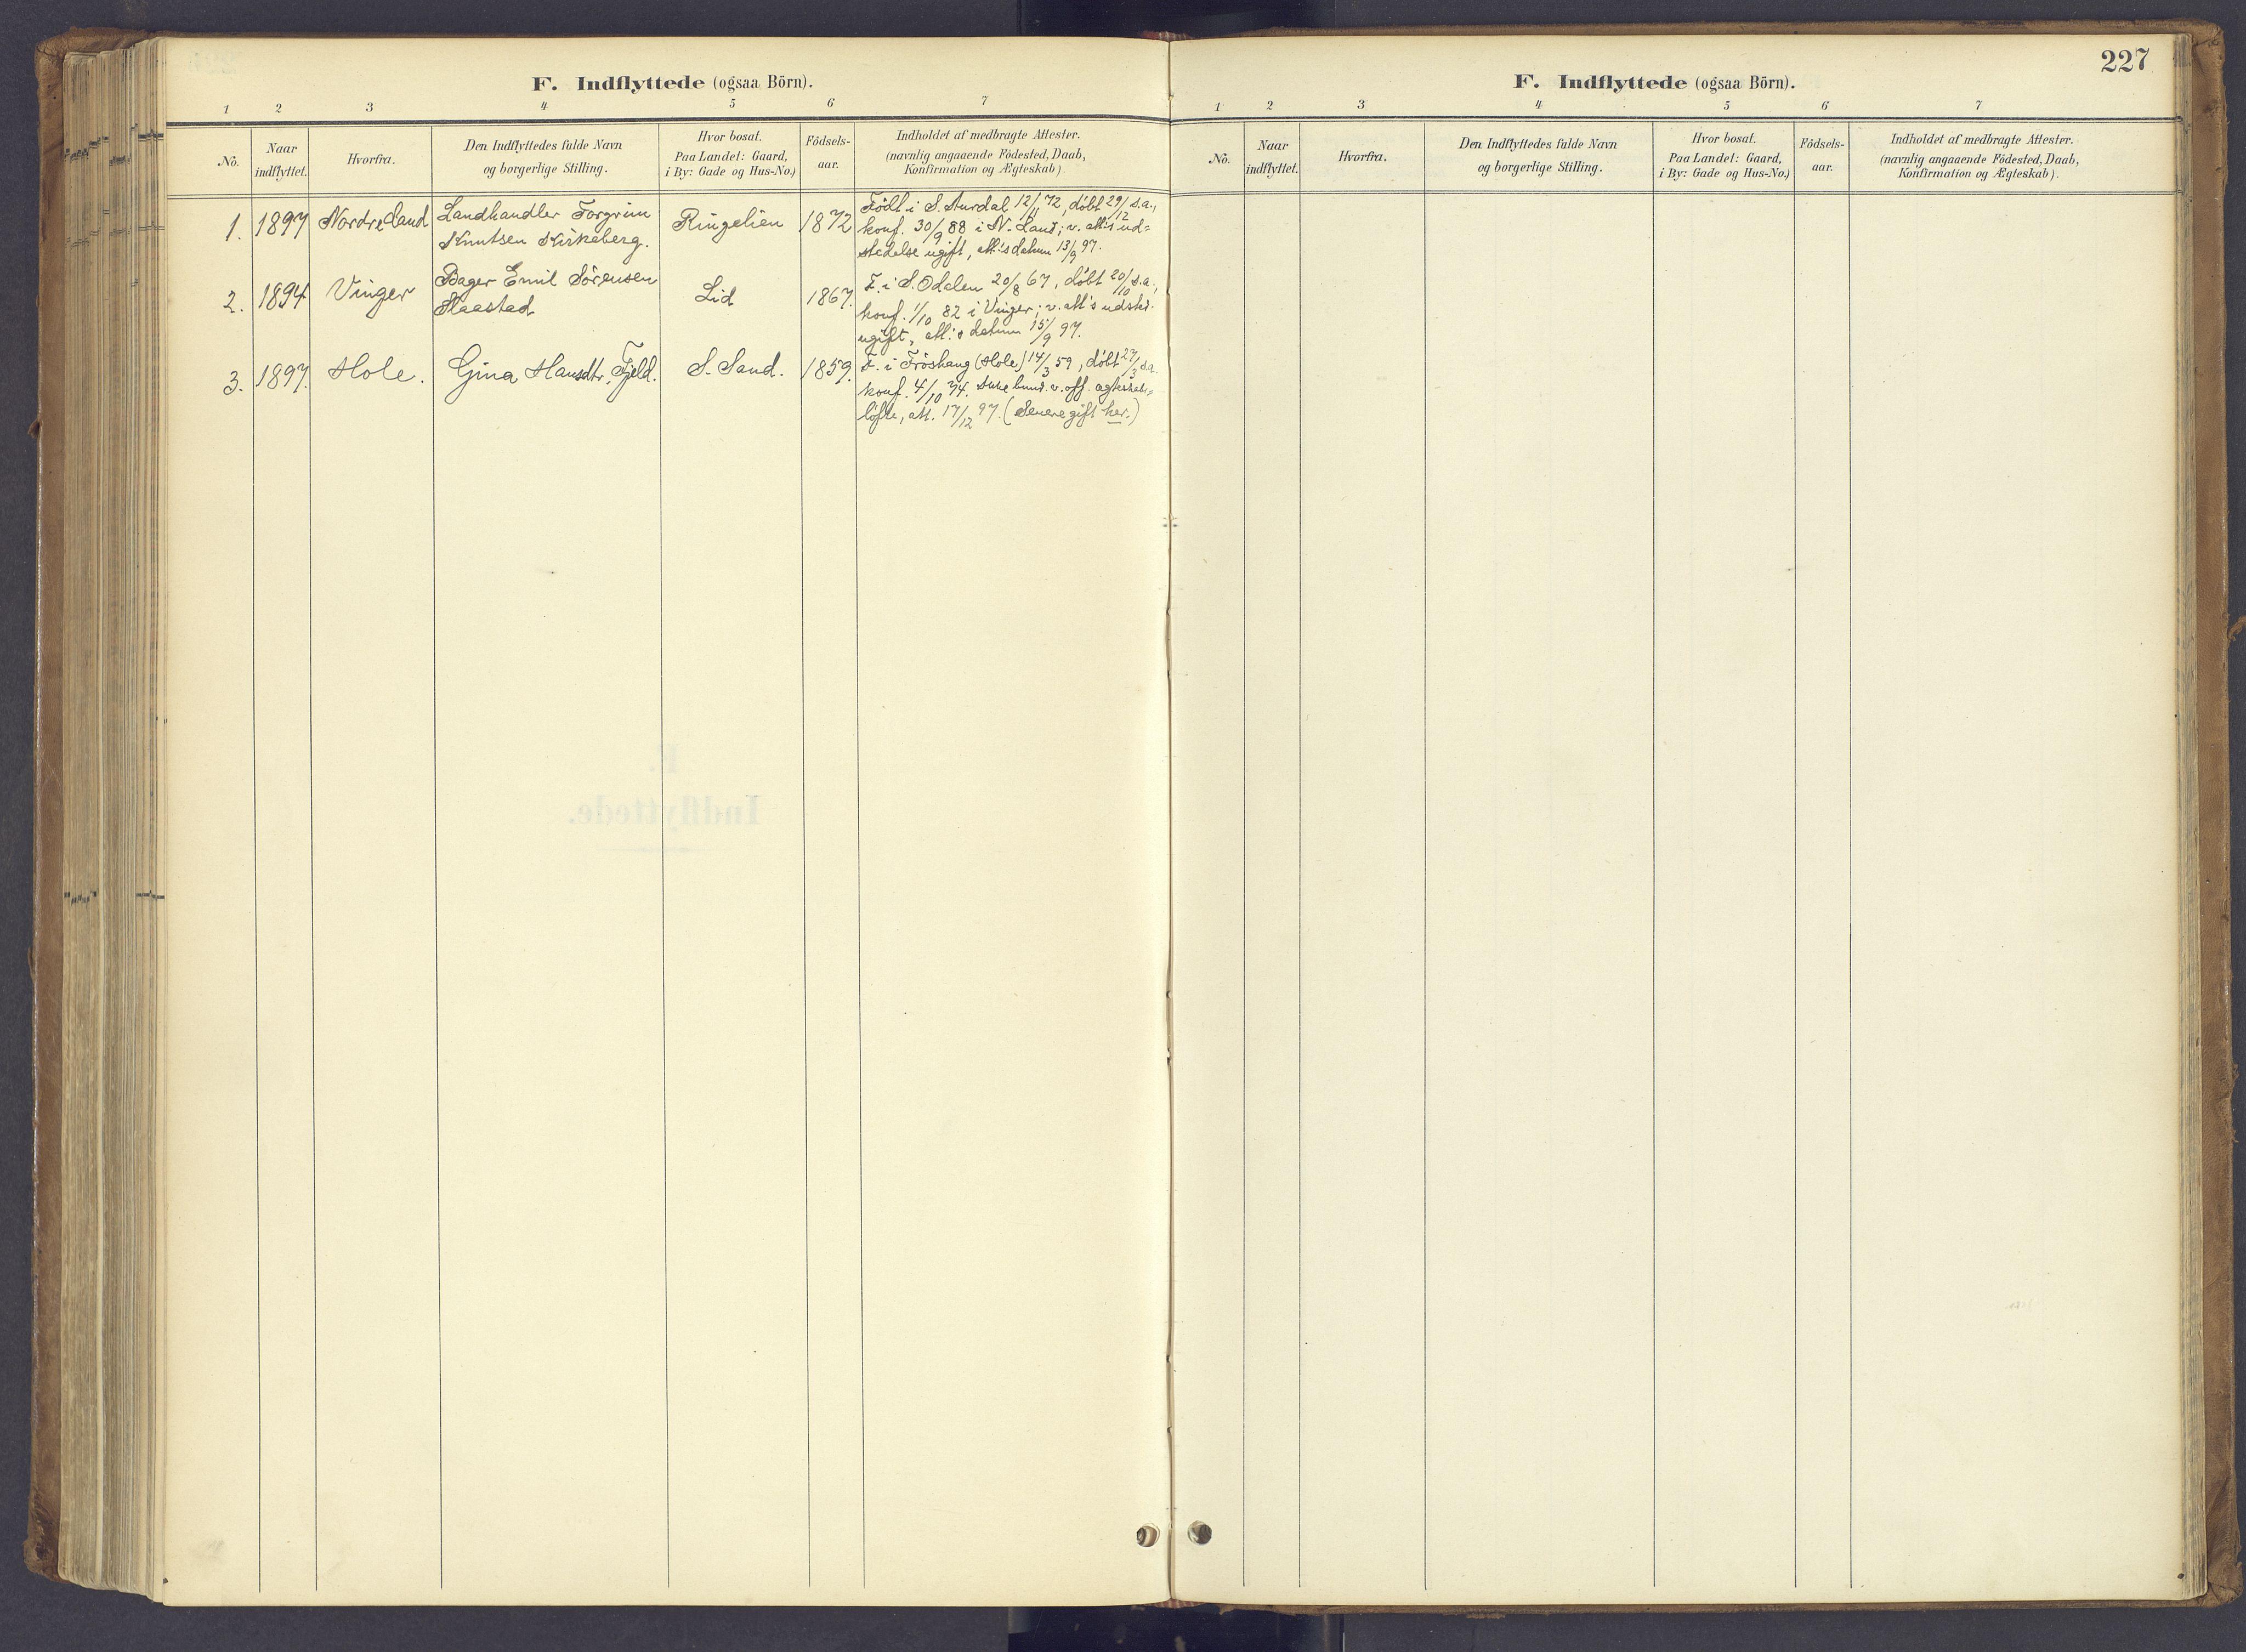 SAH, Søndre Land prestekontor, K/L0006: Ministerialbok nr. 6, 1895-1904, s. 227